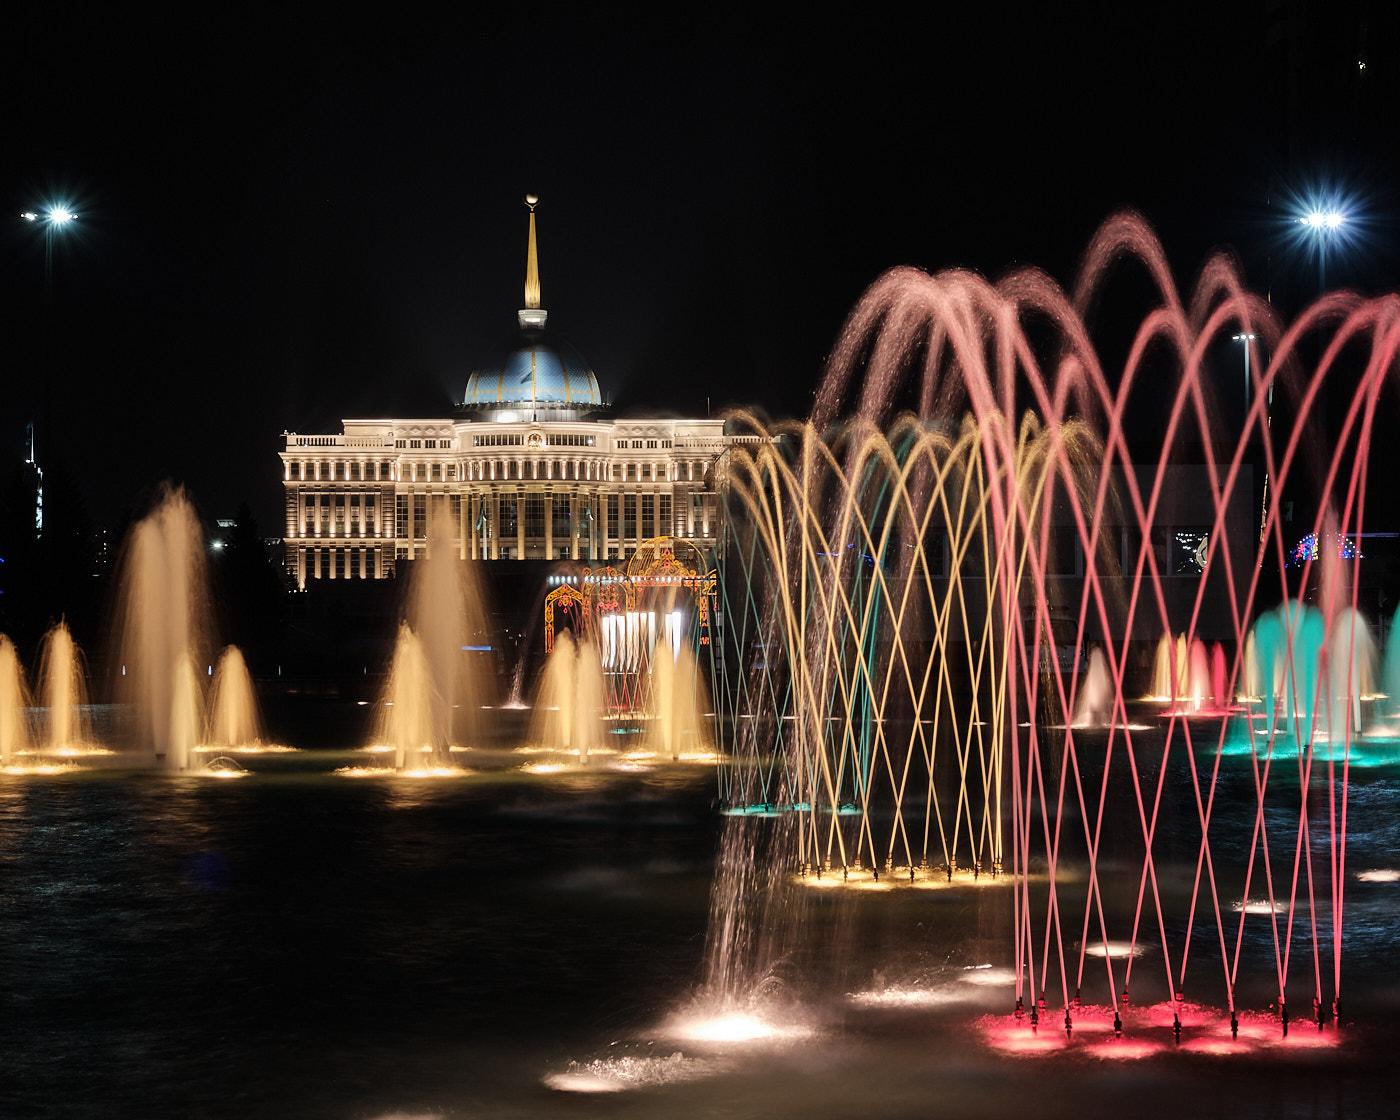 Transit durch Kasachstan - Der Ak-Orda-Präsidentenpalast mit dem singenden Springbrunnen im Vordergrund, eine Wasser- und Lichtinstallation, die zu Musik abläuft.